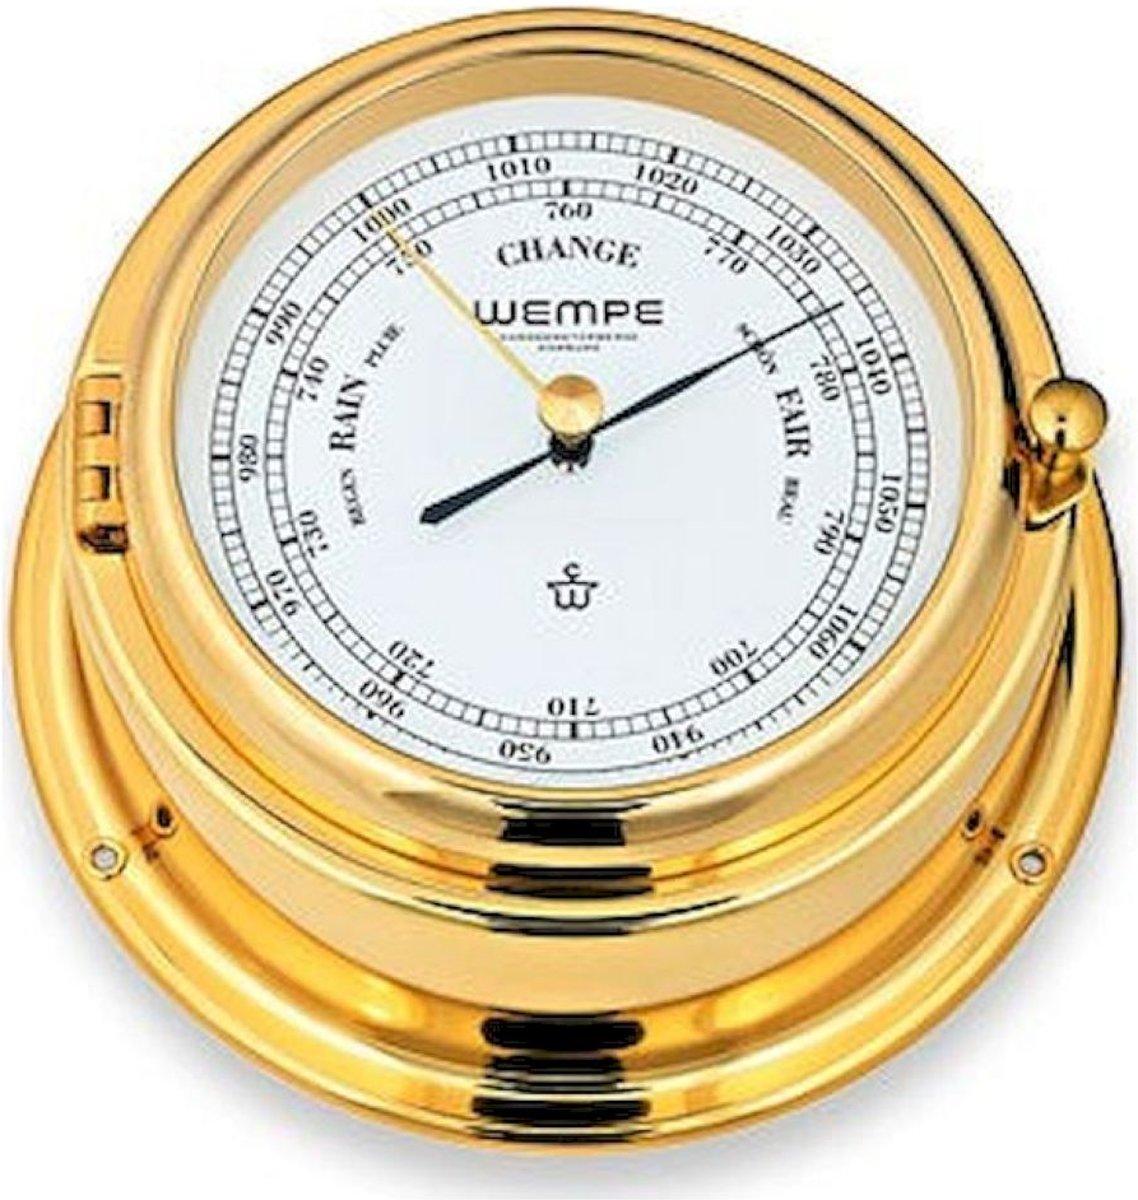 Wempe Chronometerwerke Bremen II Barometer CW310008 kopen